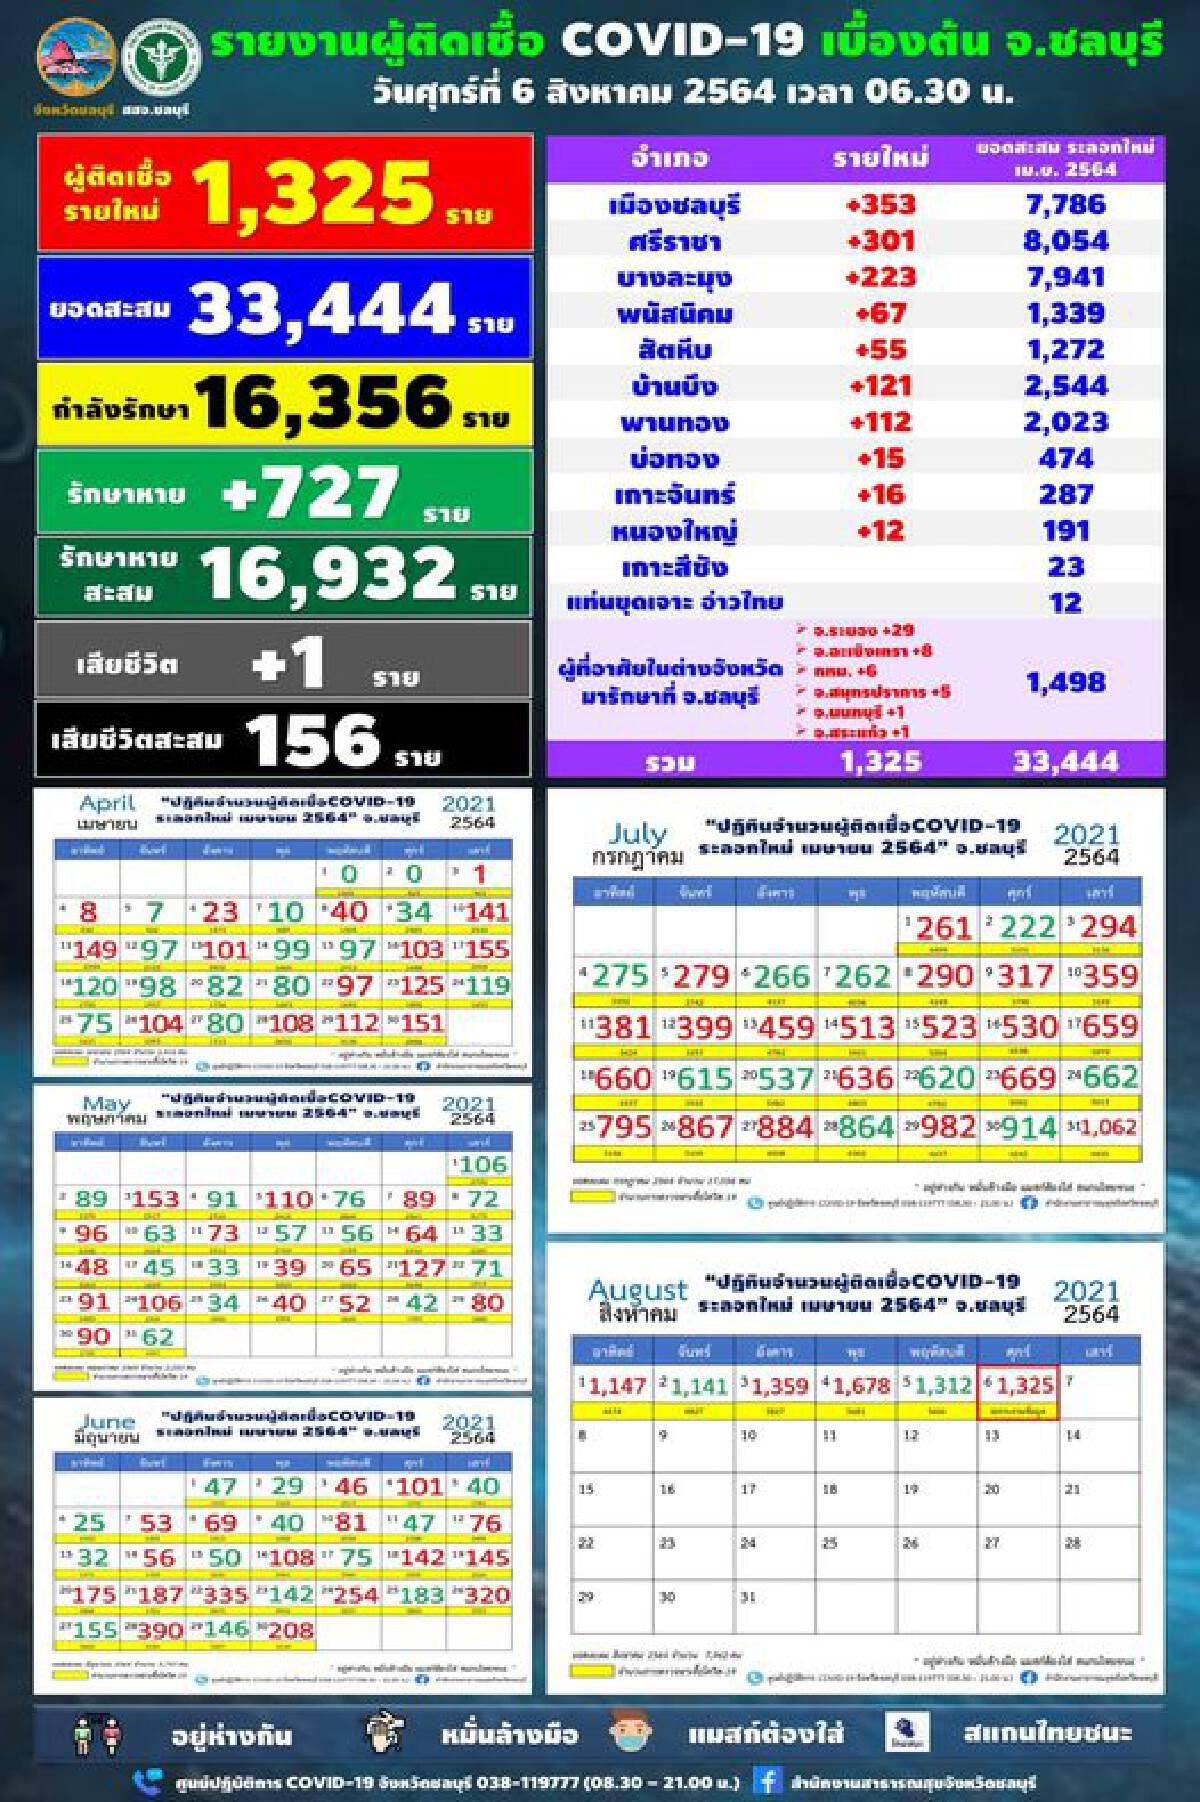 โควิด-19 ชลบุรี ยังพุ่งไม่หยุด พบติดเชื้อใหม่ 1,325 ราย